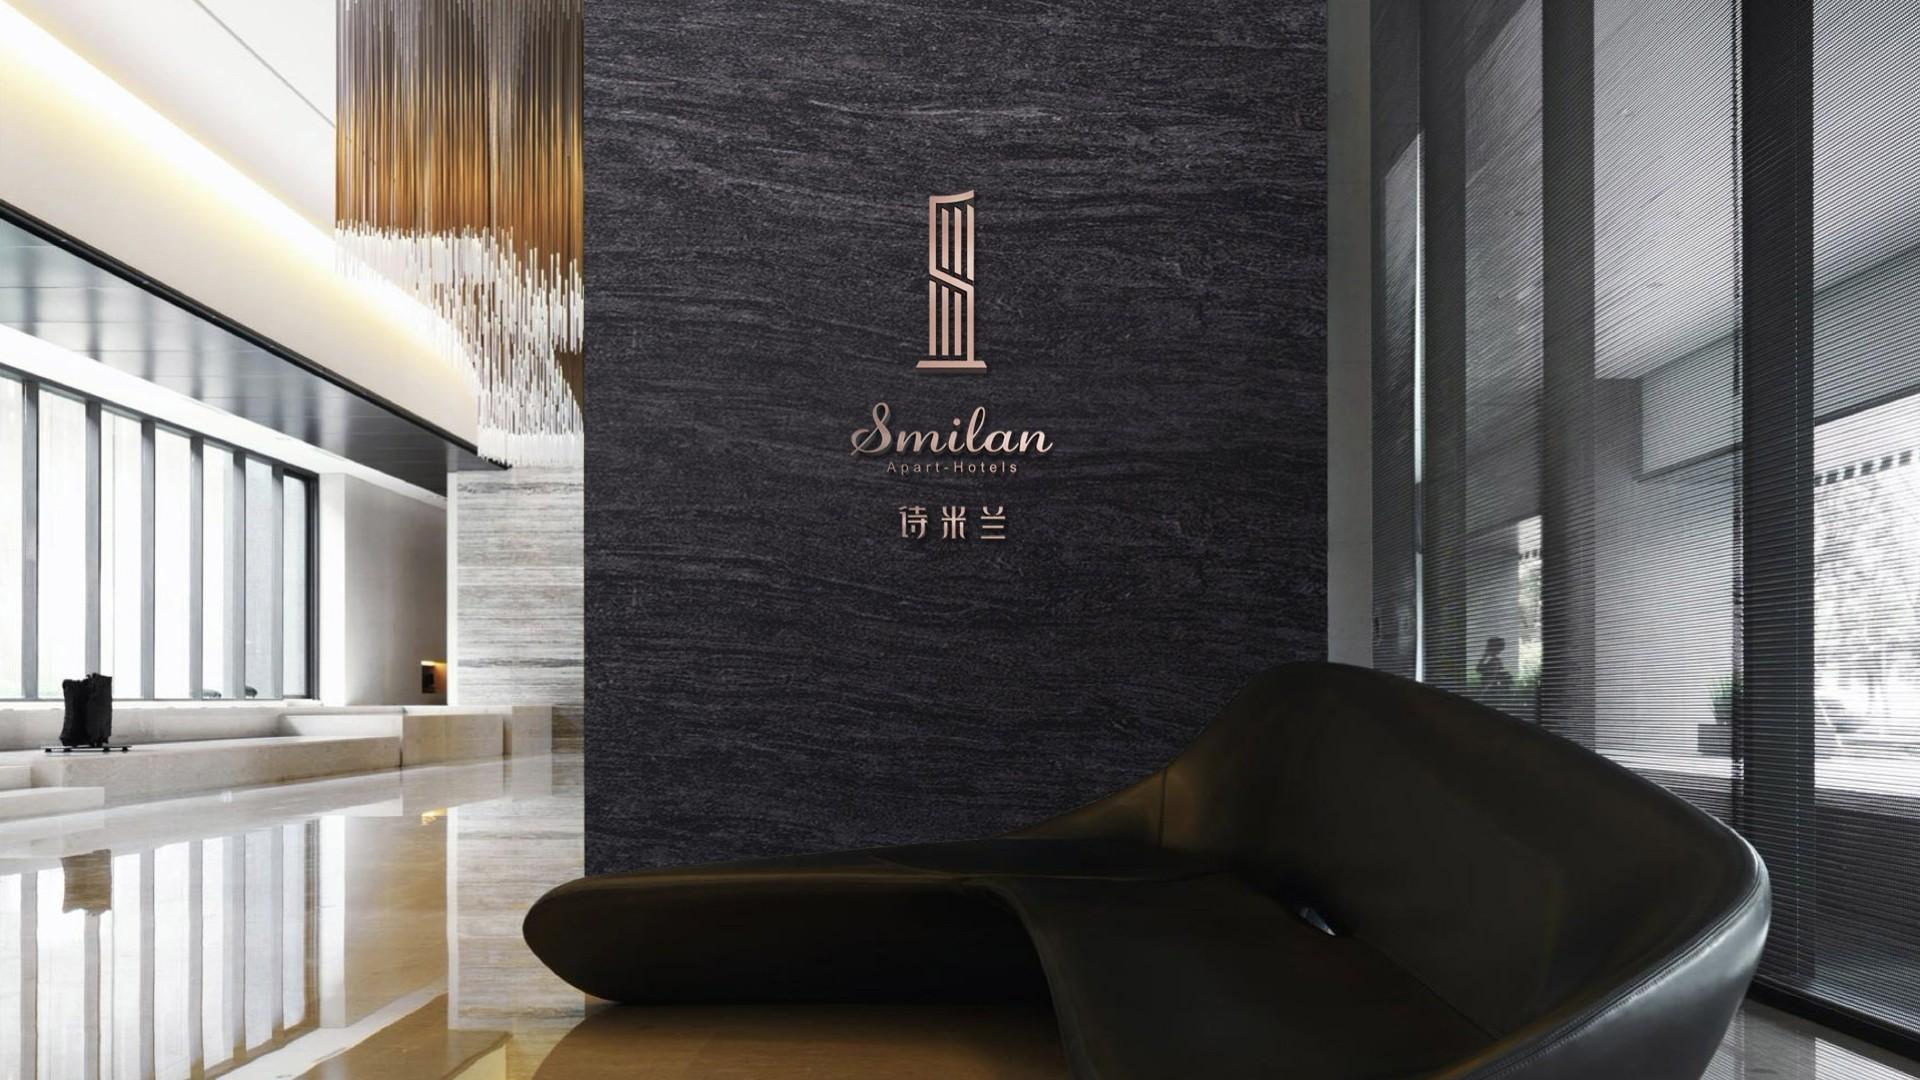 诗米兰公寓品牌策划设计-酒店品牌设计-杭州达岸品牌策划设计公司